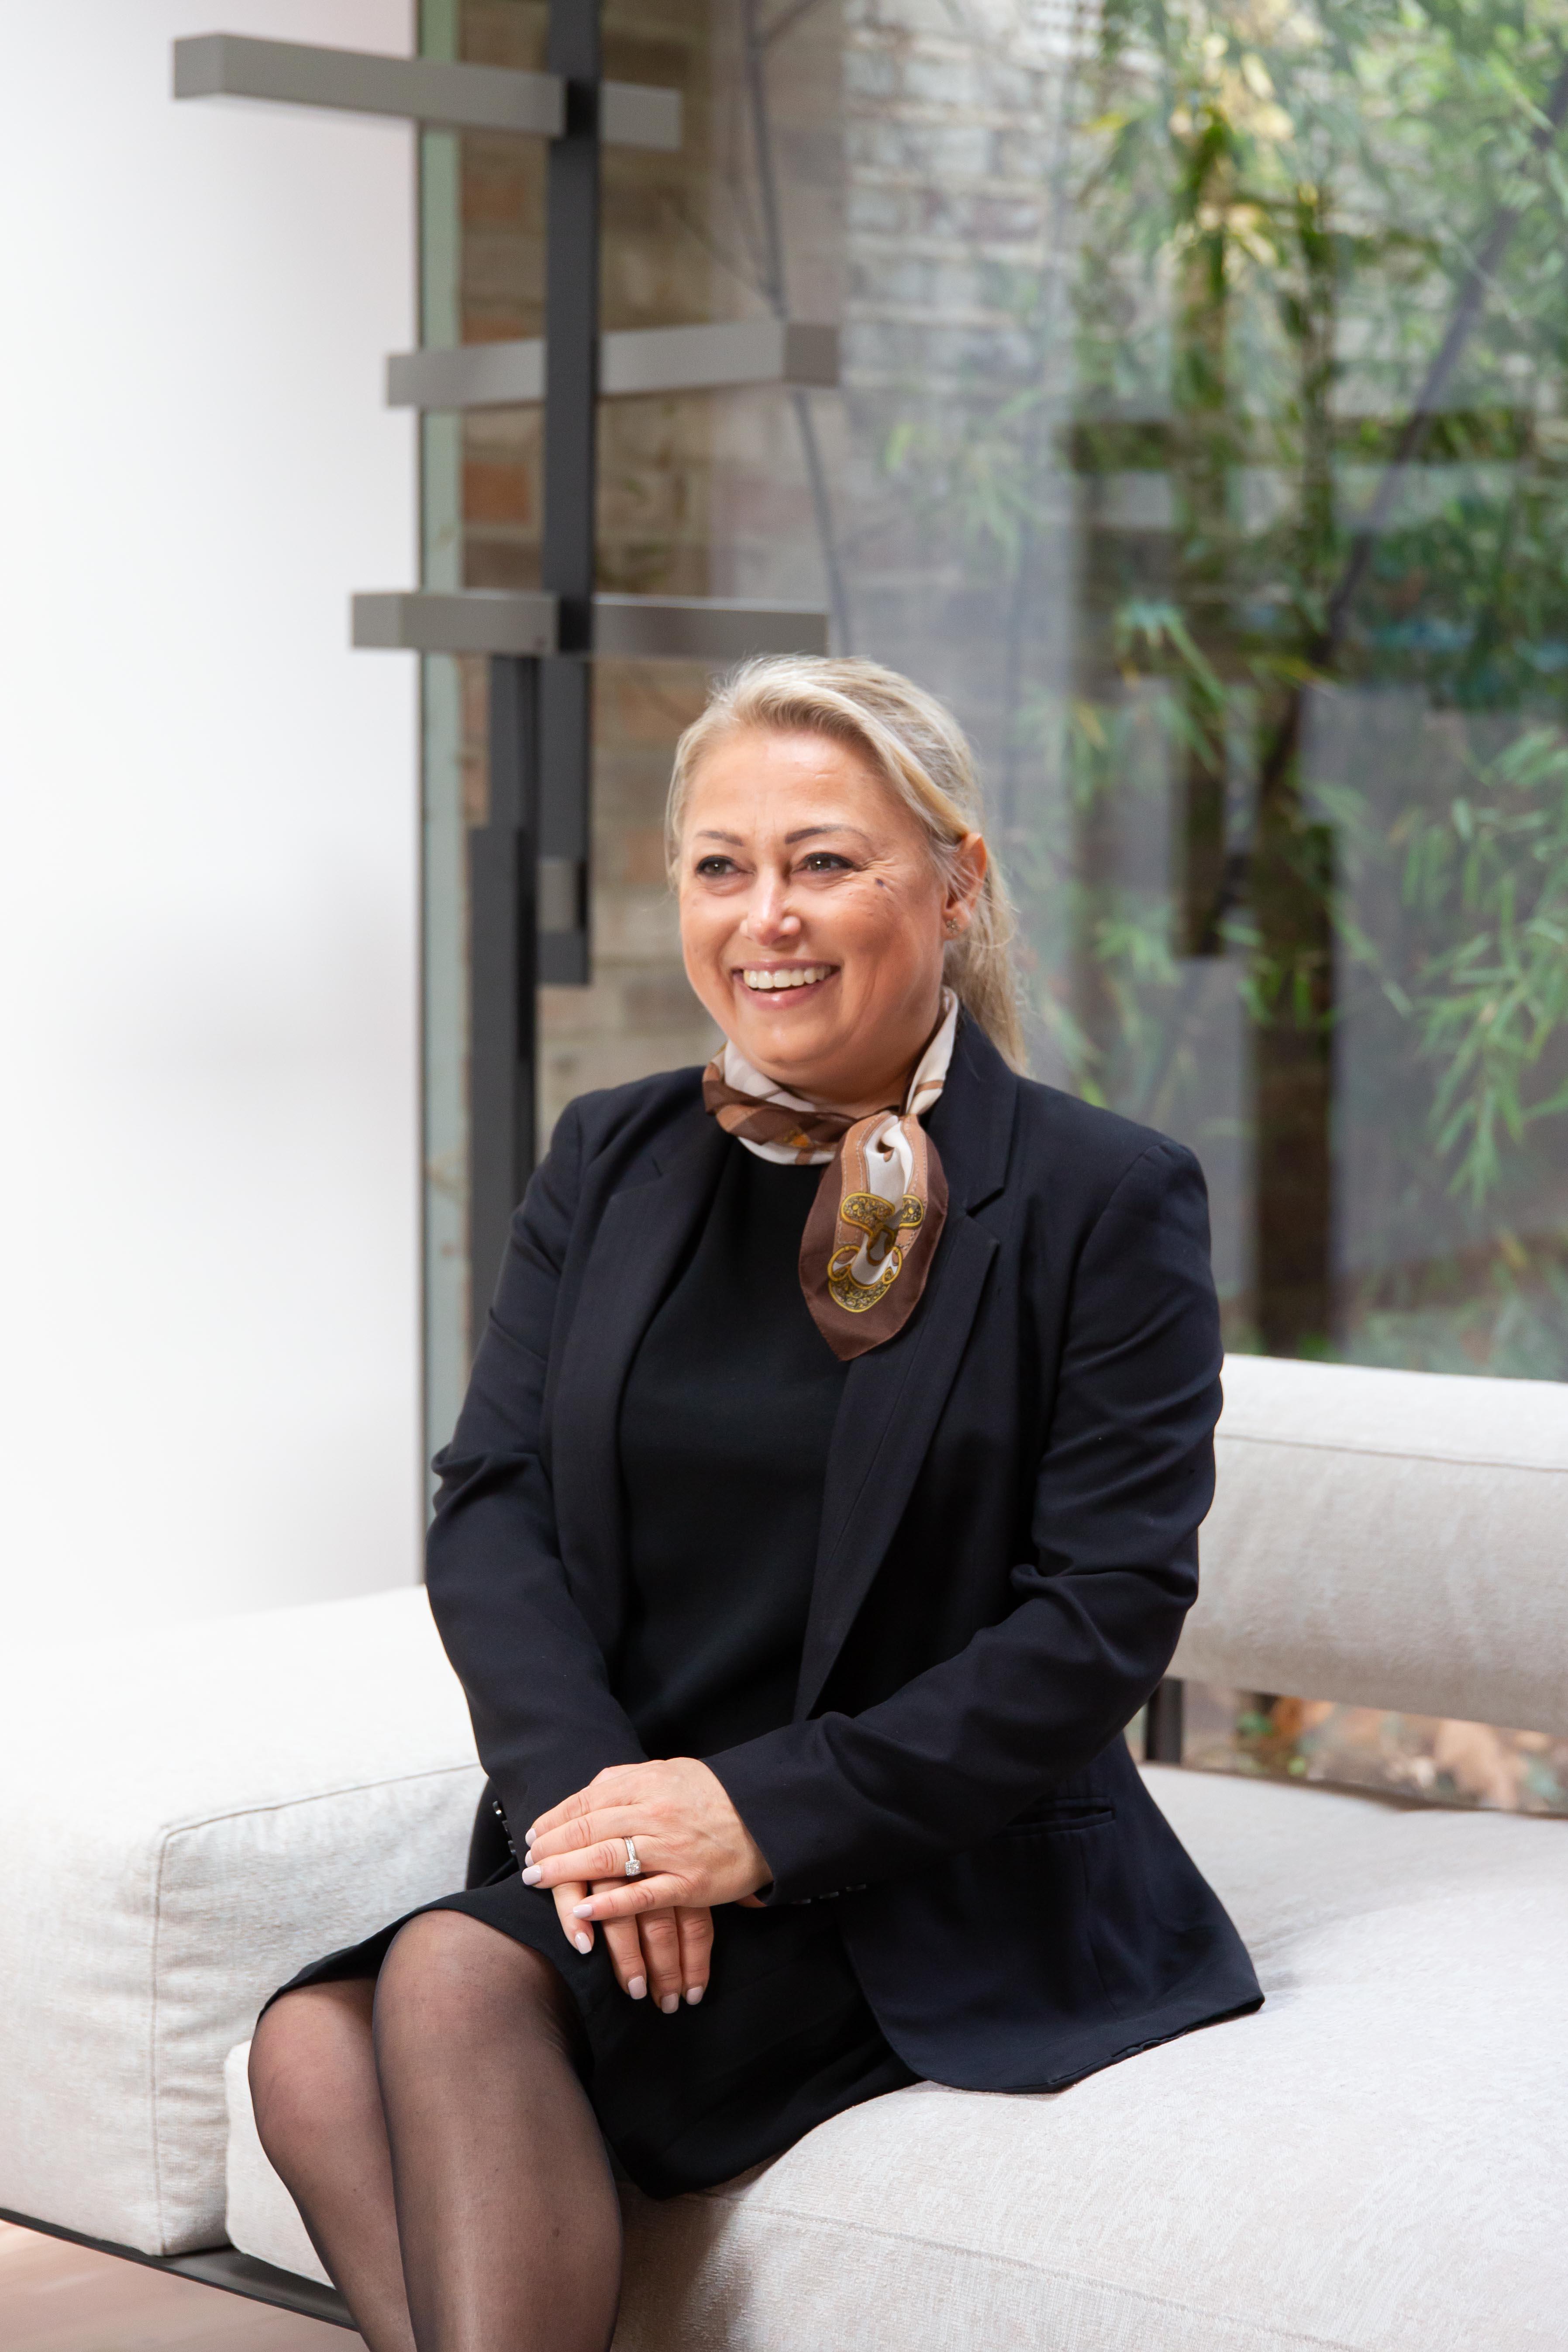 Deborah-Lynn Knight Klammer